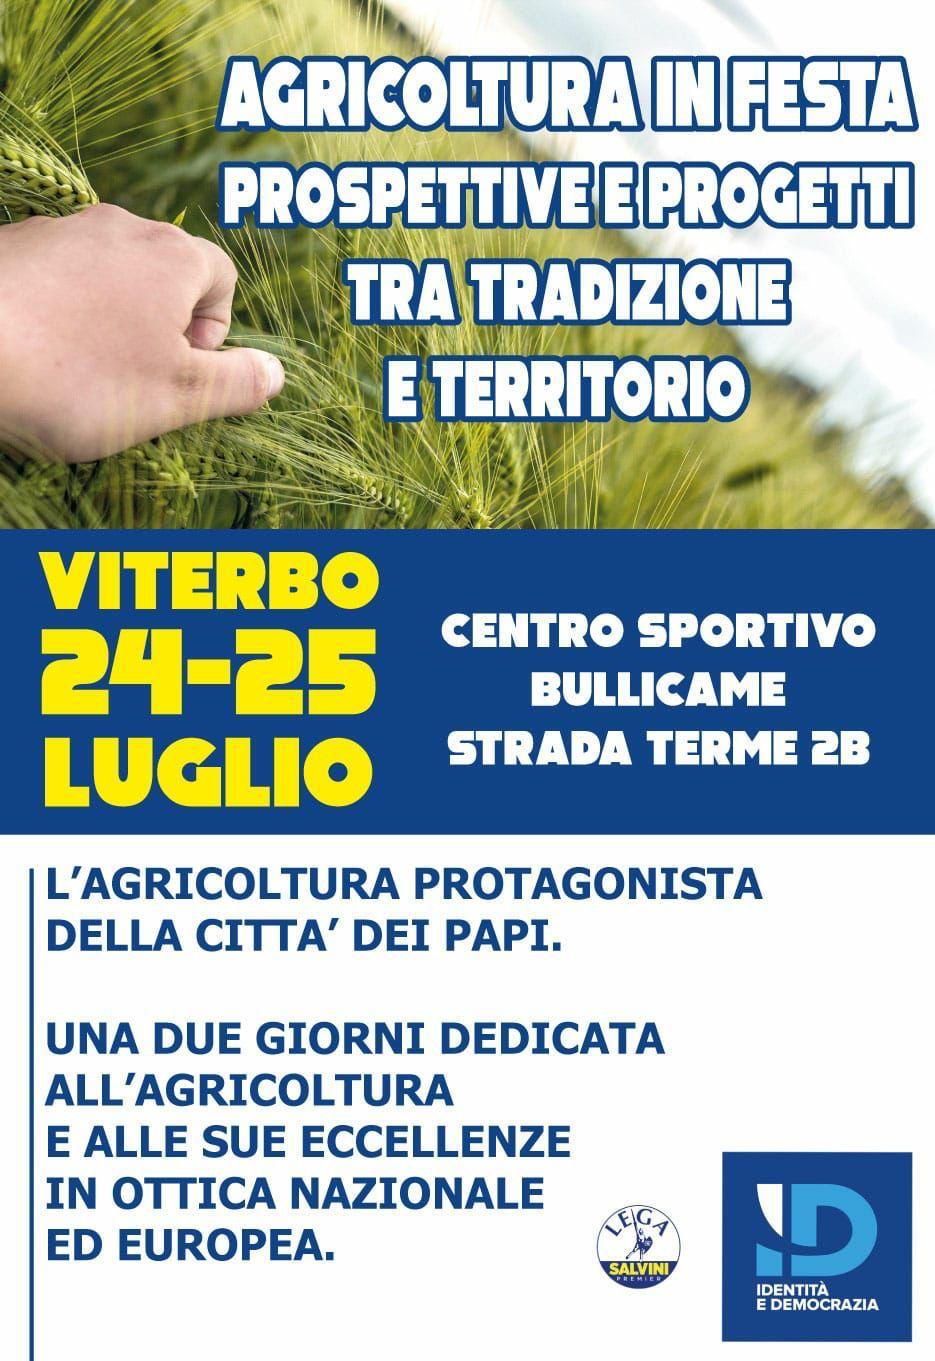 Lega Viterbo: il 24 e 25 luglio una due giorni dedicata all'agricoltura e alle sue eccellenze